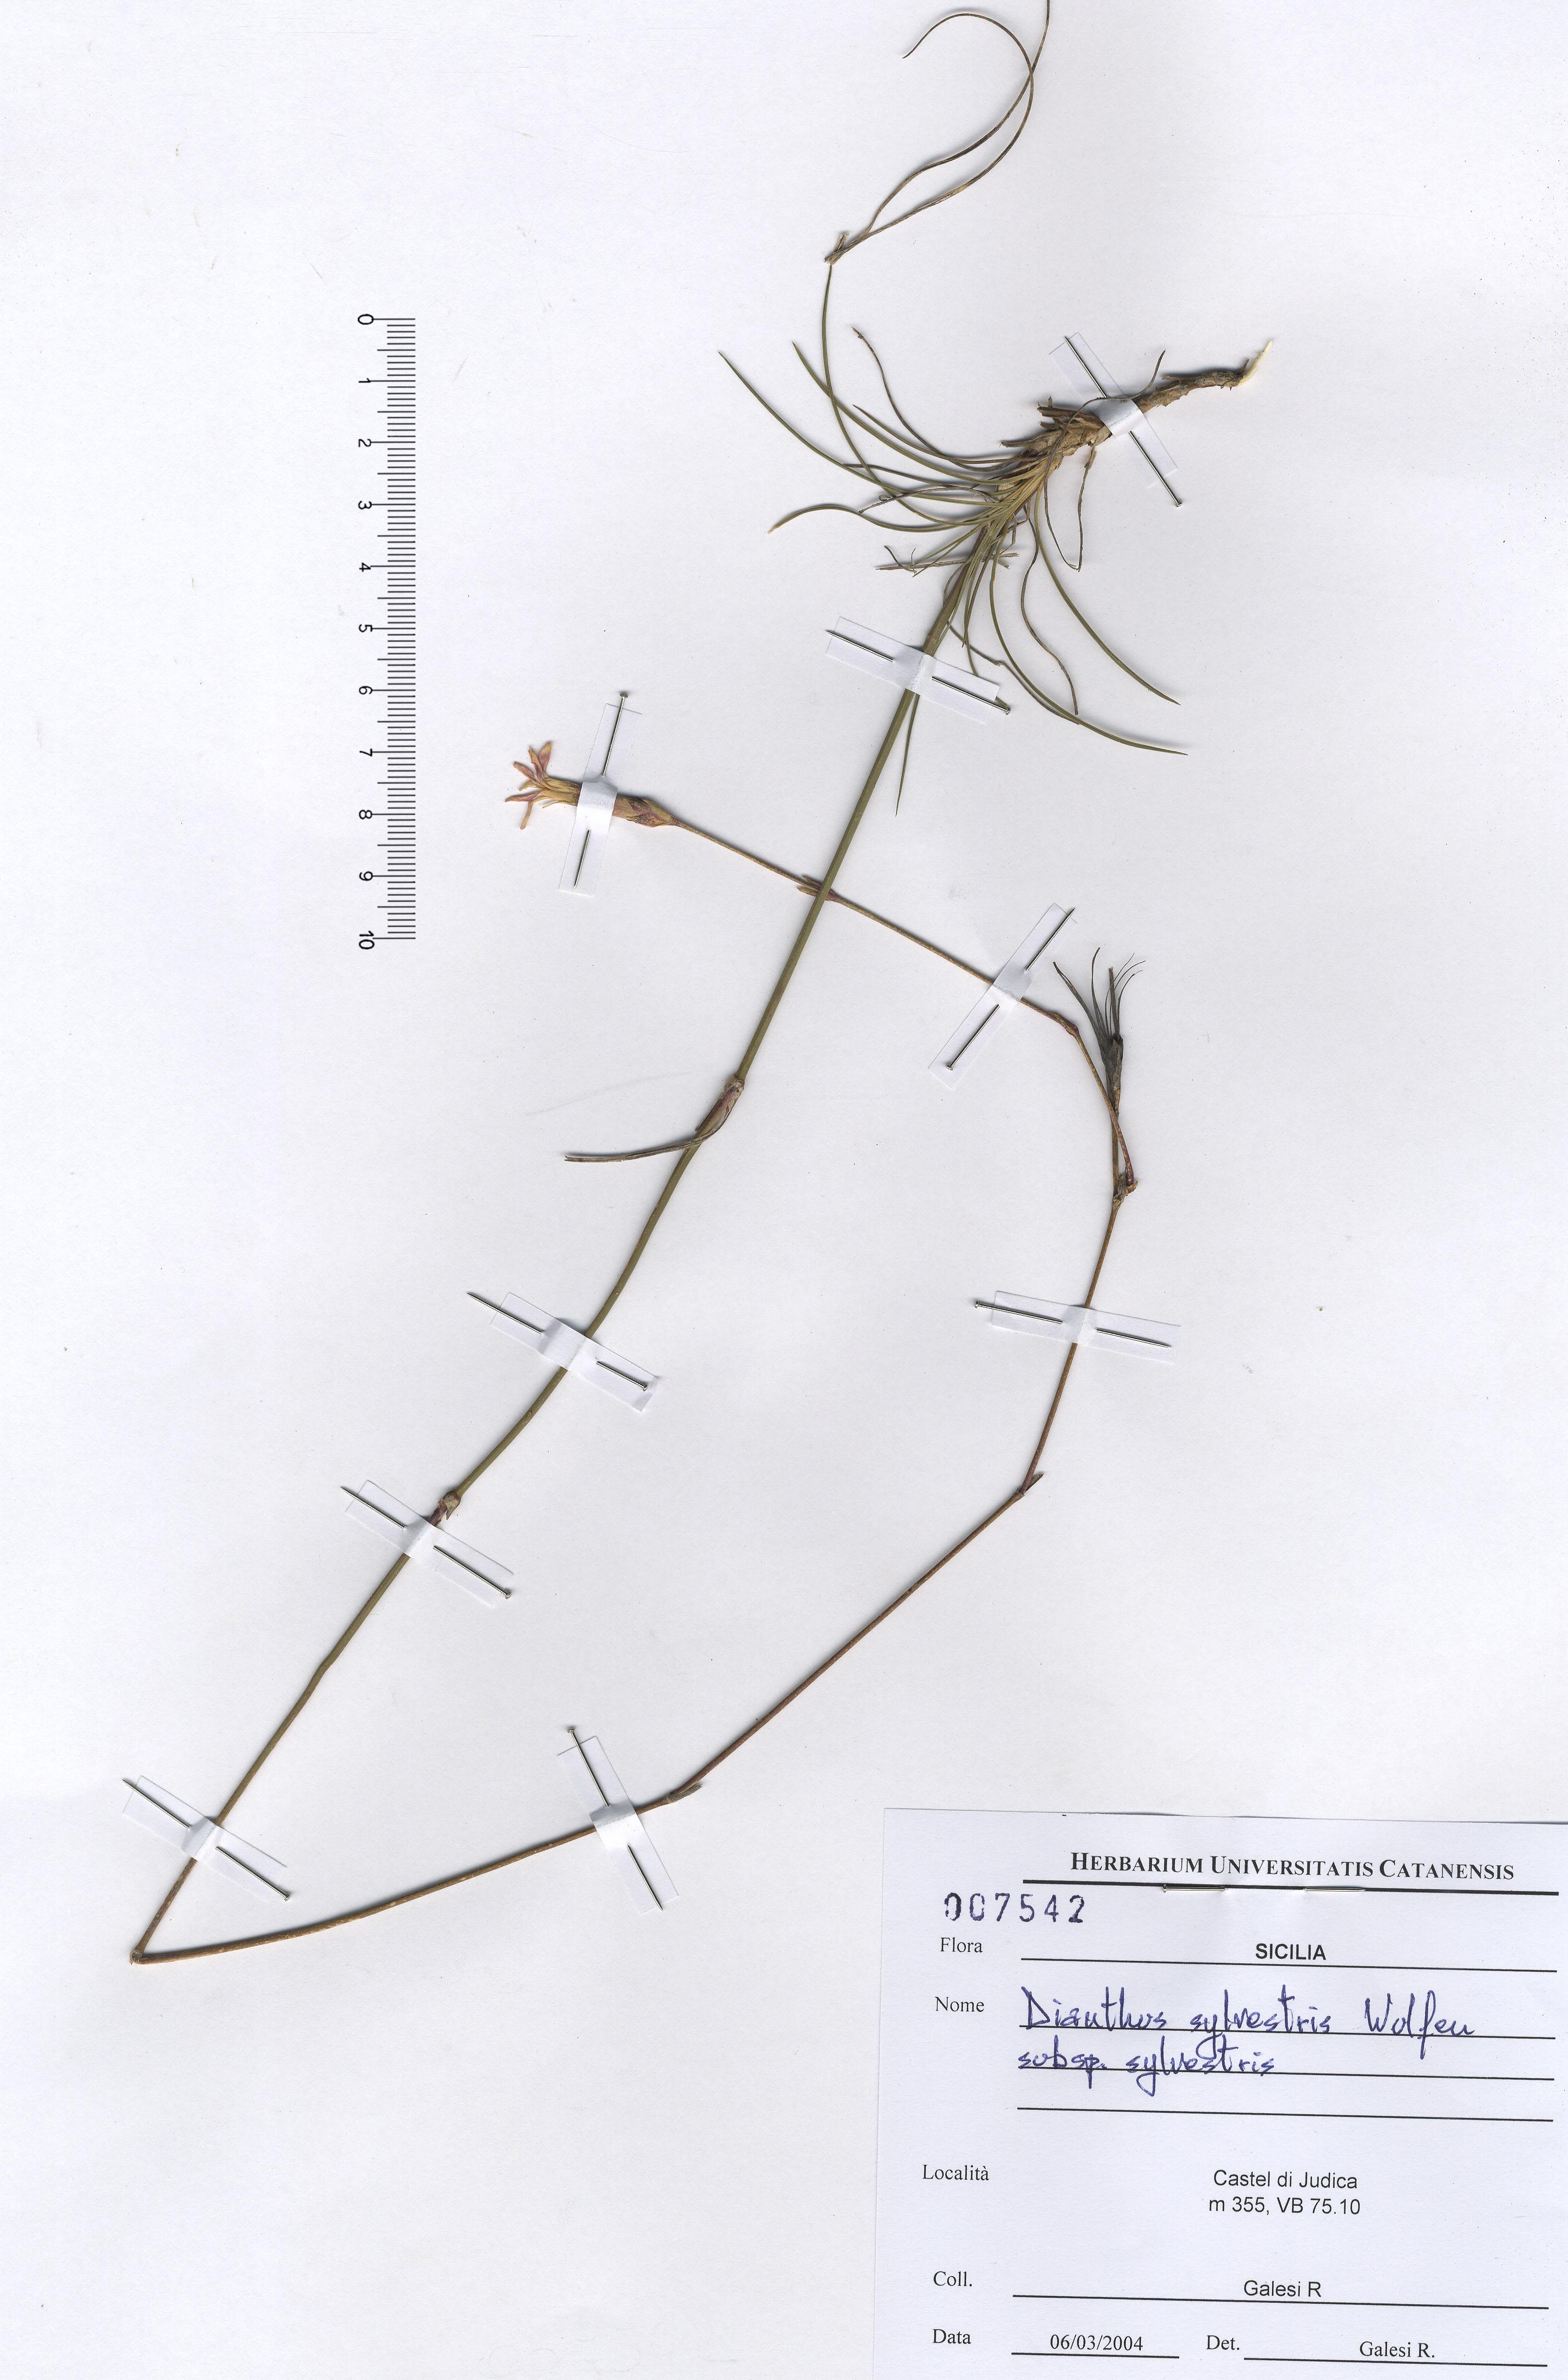 &copy; Hortus Botanicus Catinensis - Herb. sheet 007542<br>